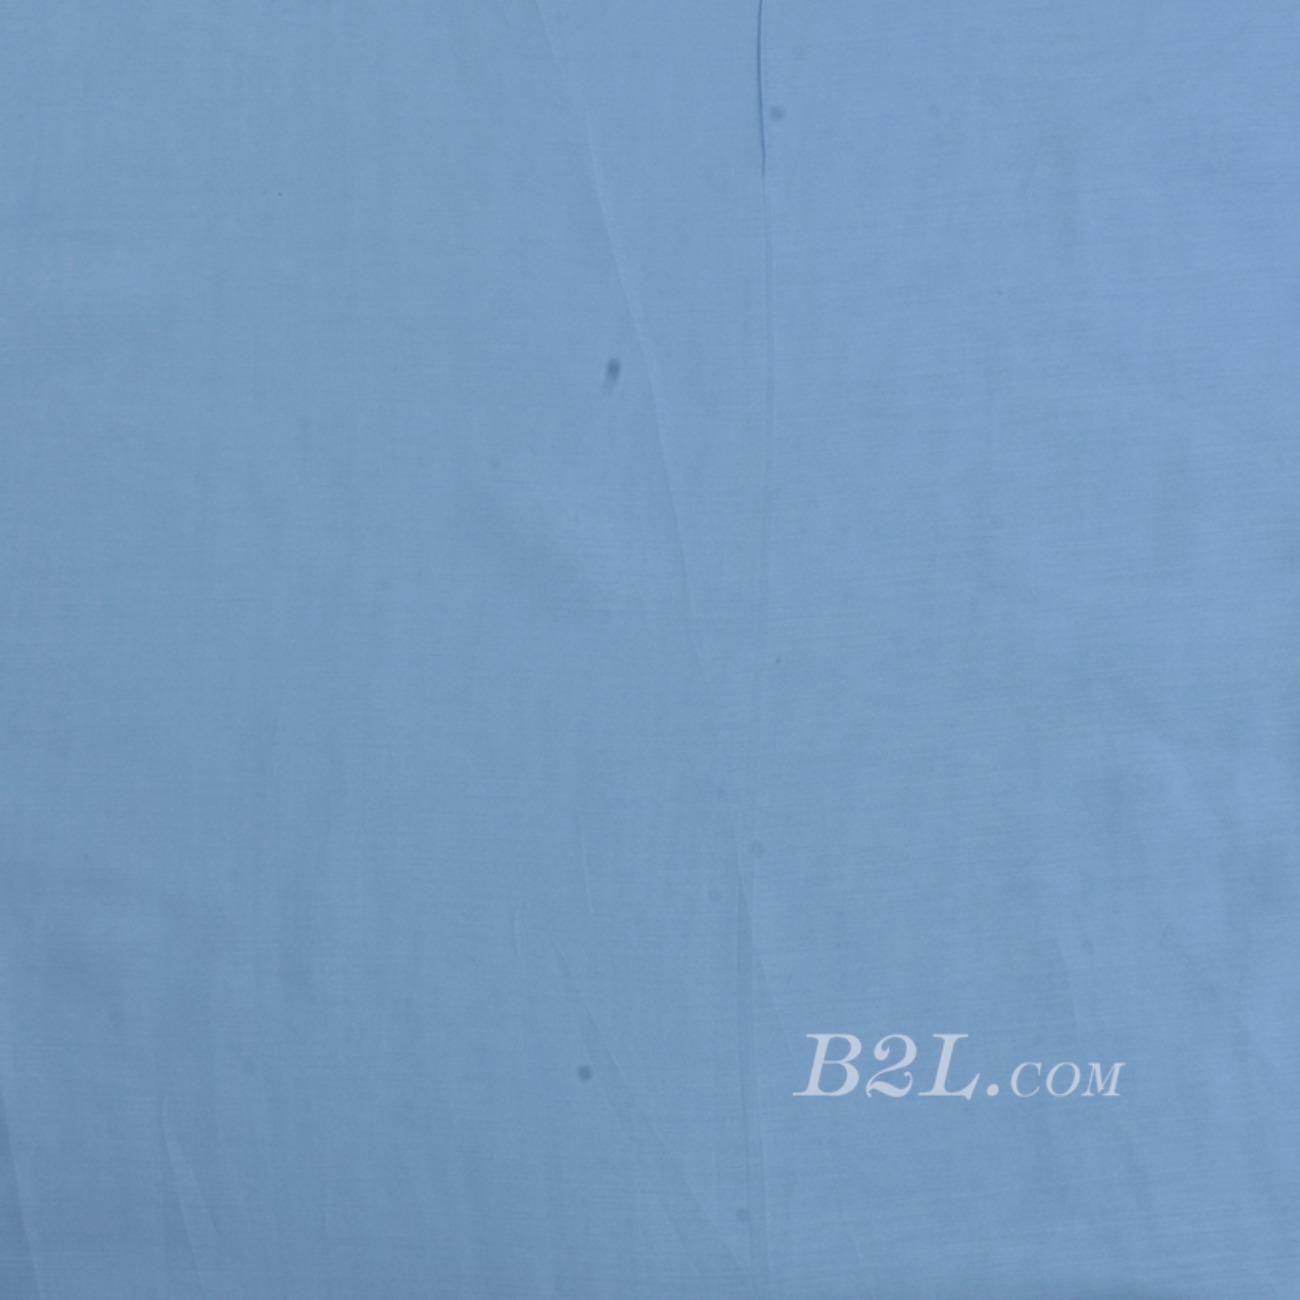 斜纹梭织素色染色连衣裙 短裙 衬衫 无弹 春 秋 柔软 薄 70724-10